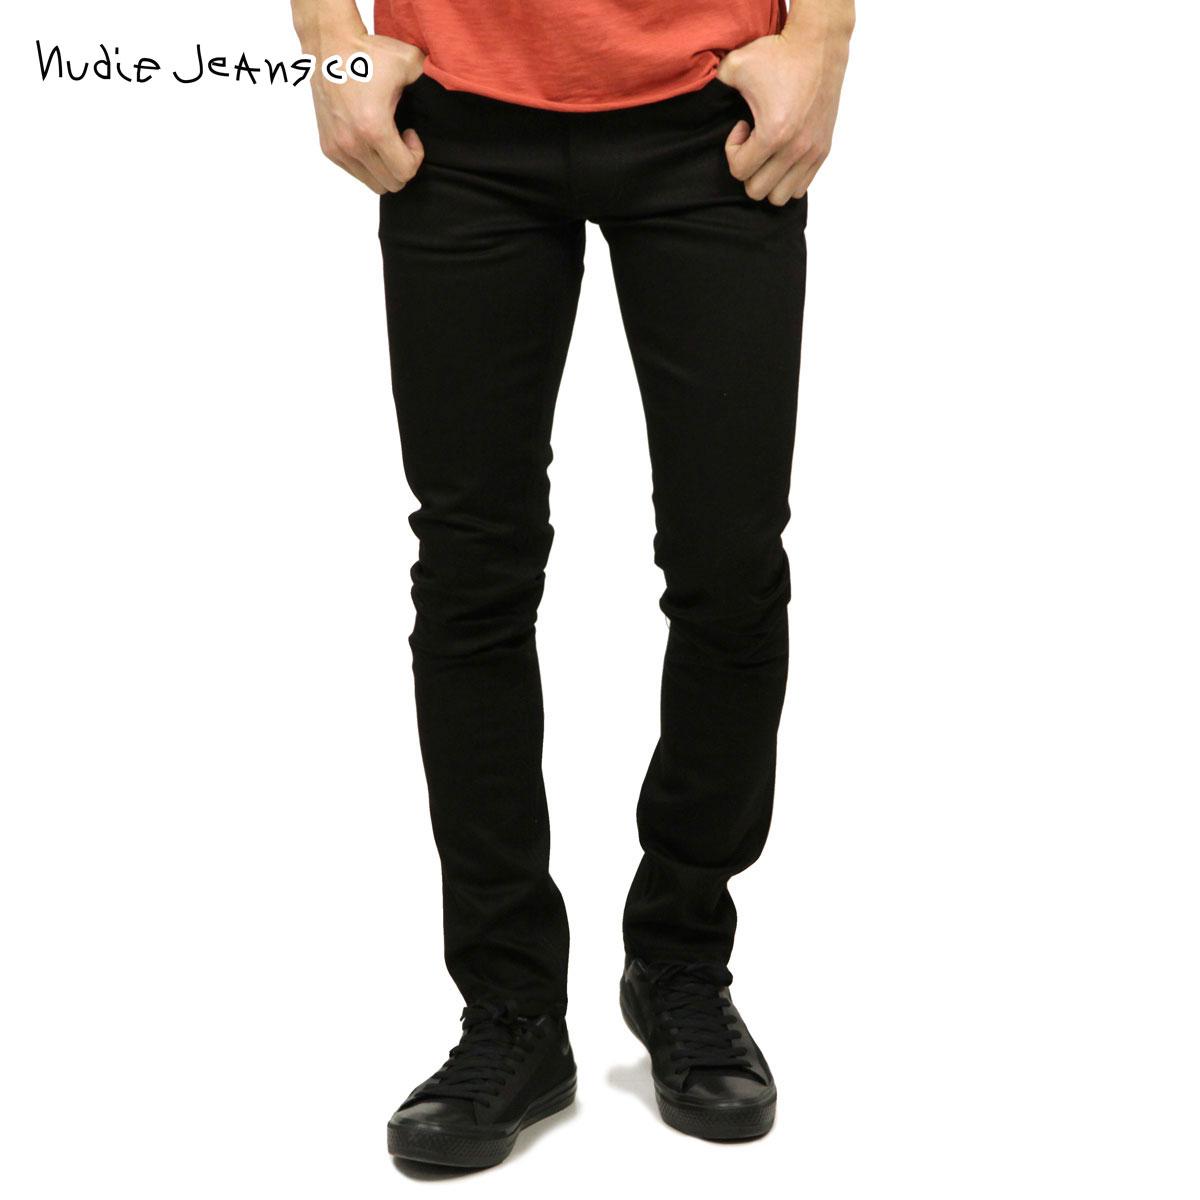 ヌーディージーンズ Nudie Jeans 正規販売店 メンズ ジーンズ Lean Dean 470 Dry Cold Black 111821 D00S20